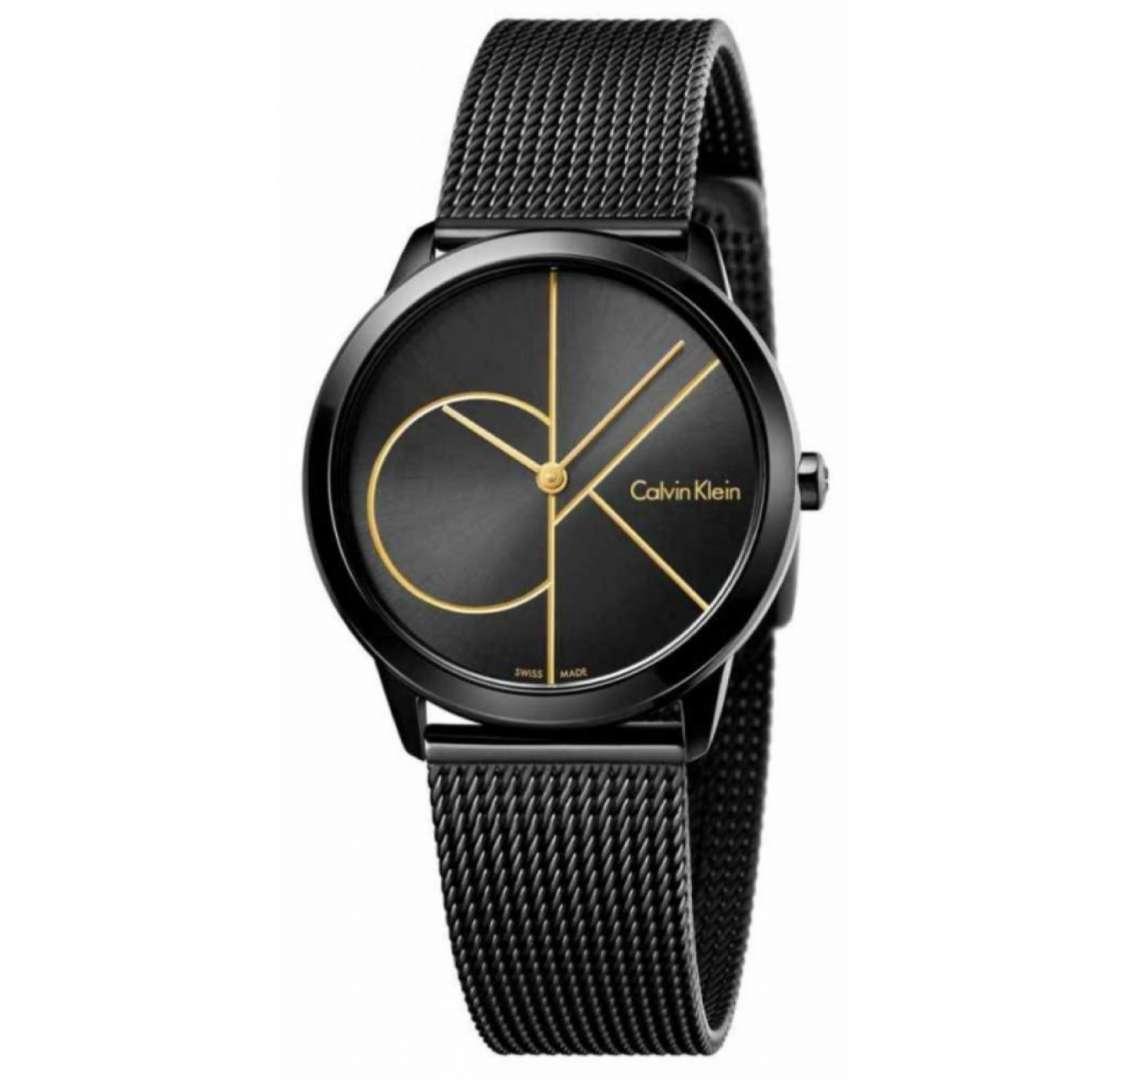 שעון יד אנלוגי calvin klein K3M224X1 קלווין קליין